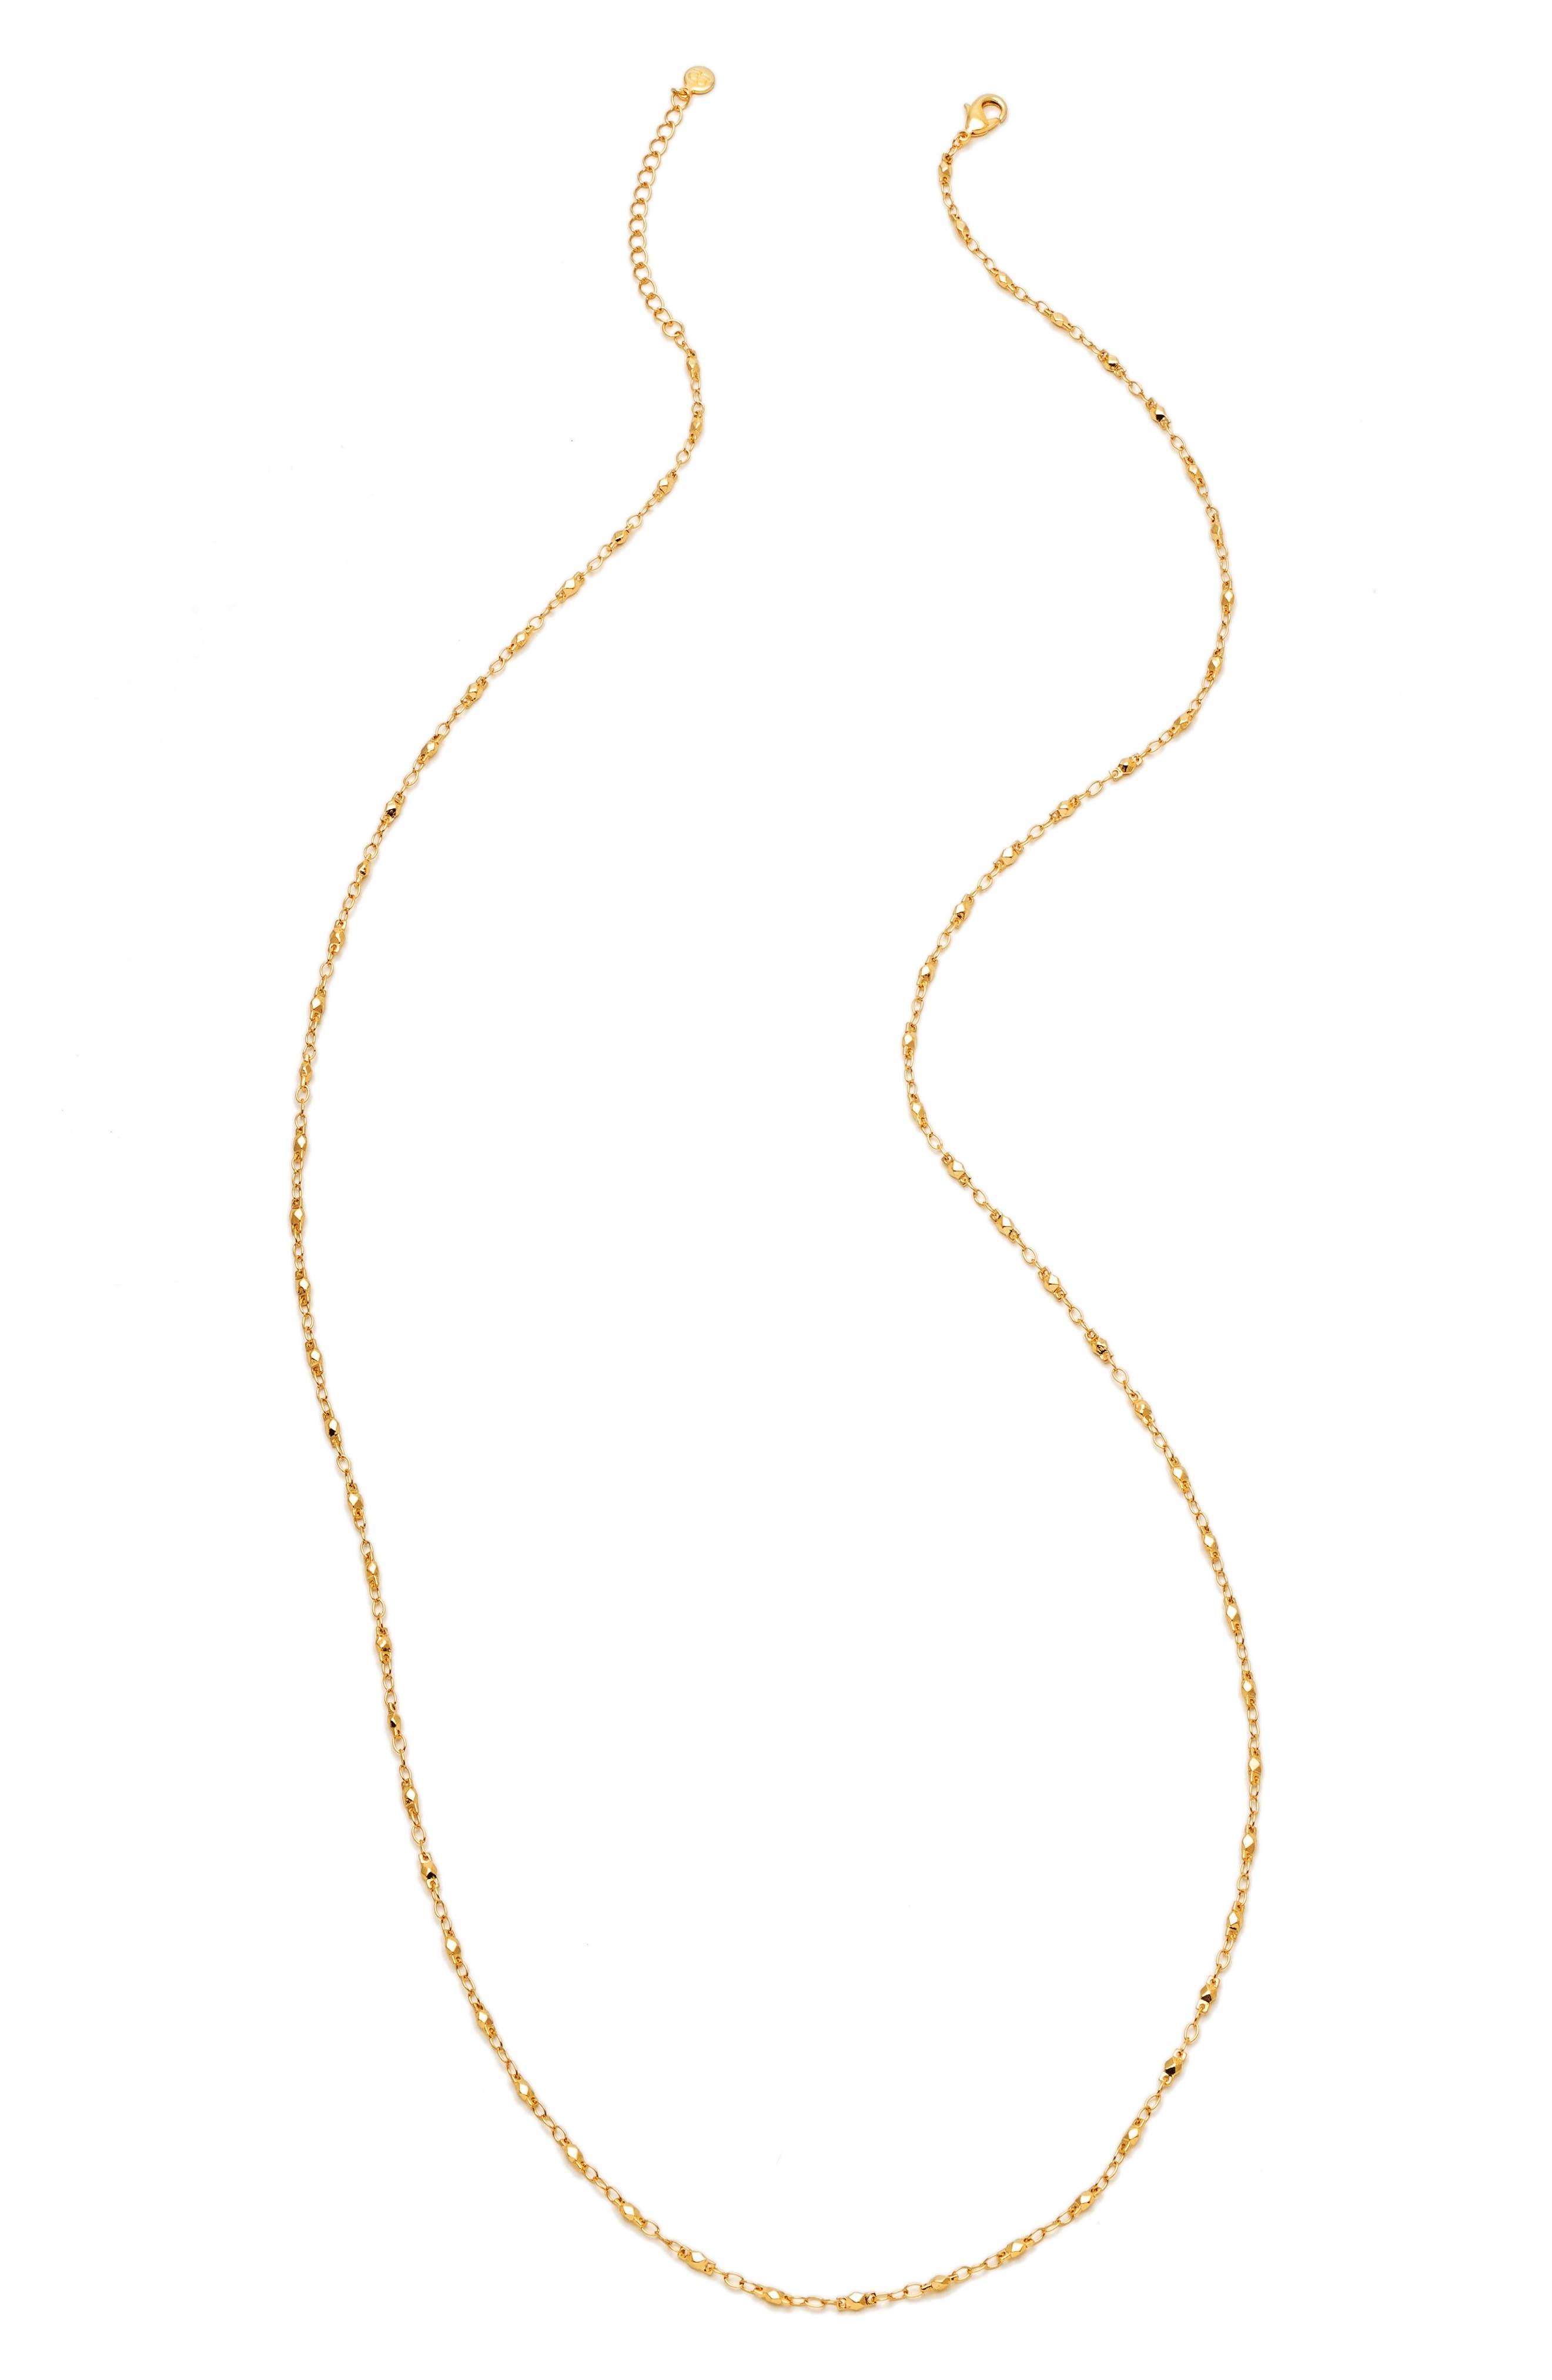 Main Image - gorjana Multistrand Beaded Necklace